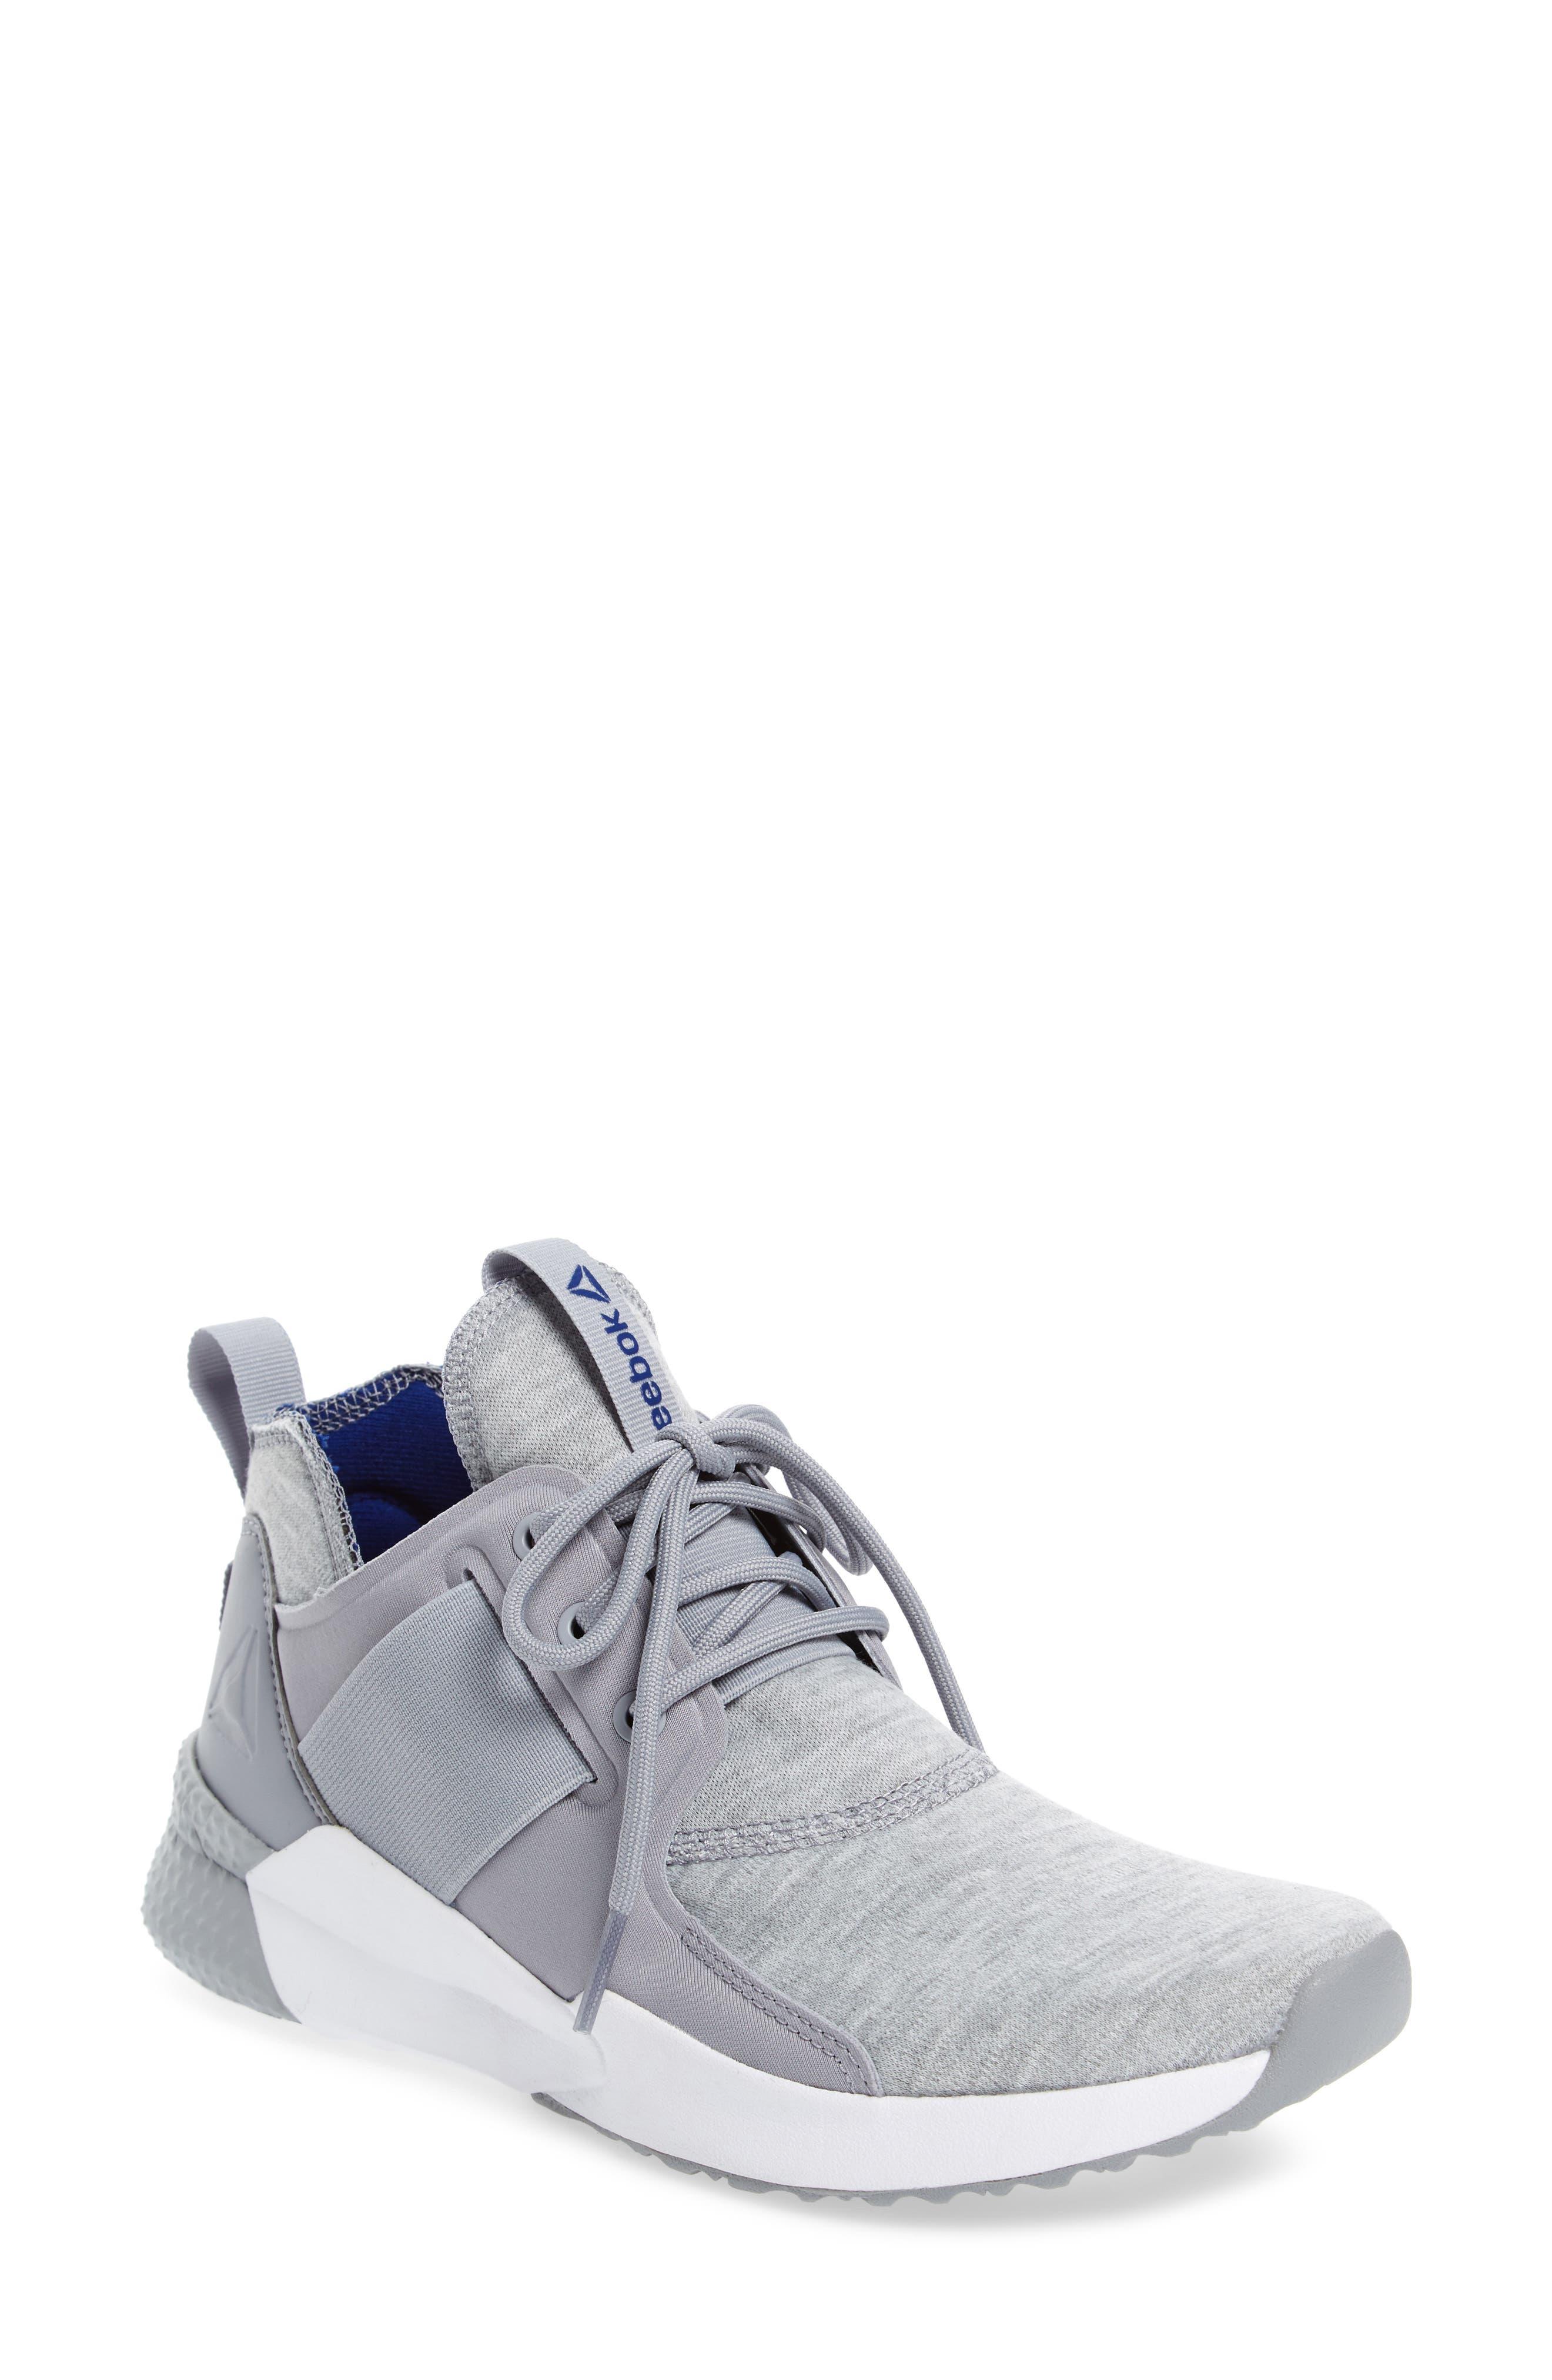 Guresu 1.0 Training Shoe,                         Main,                         color,